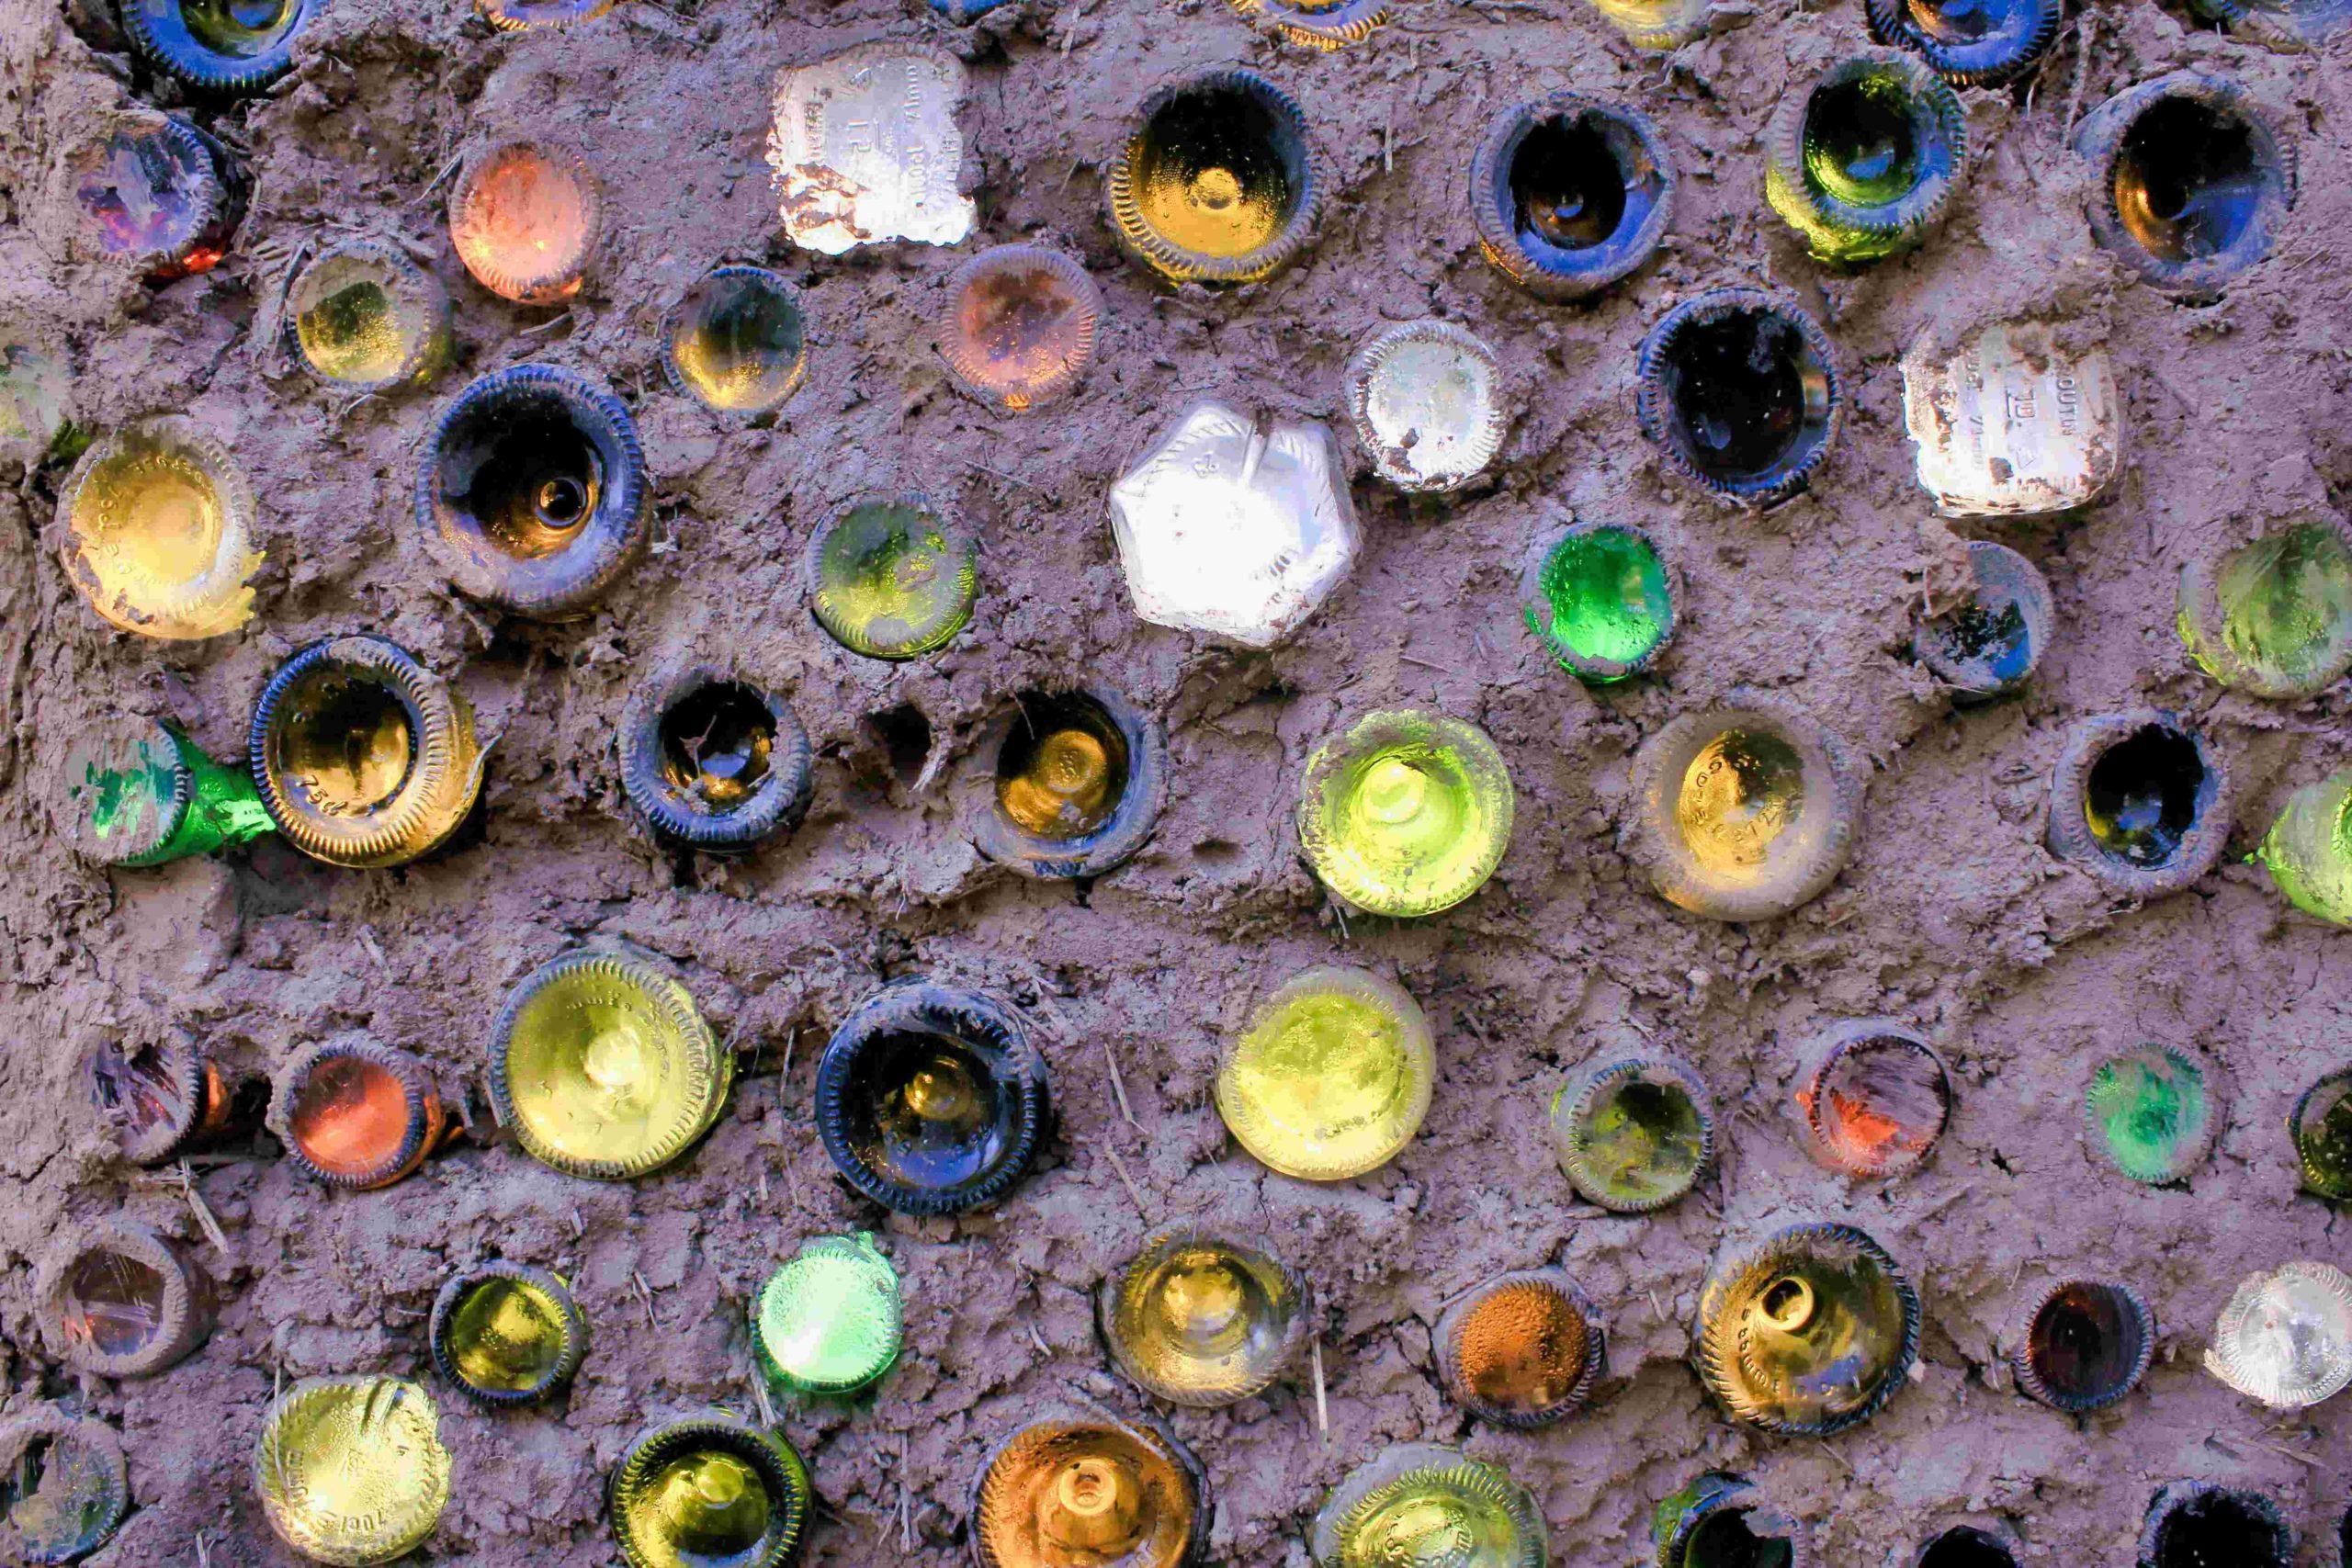 un mur en bouteilles de verre fait maison avec des bouteilles de récupération de plusieurs couleurs et tailles